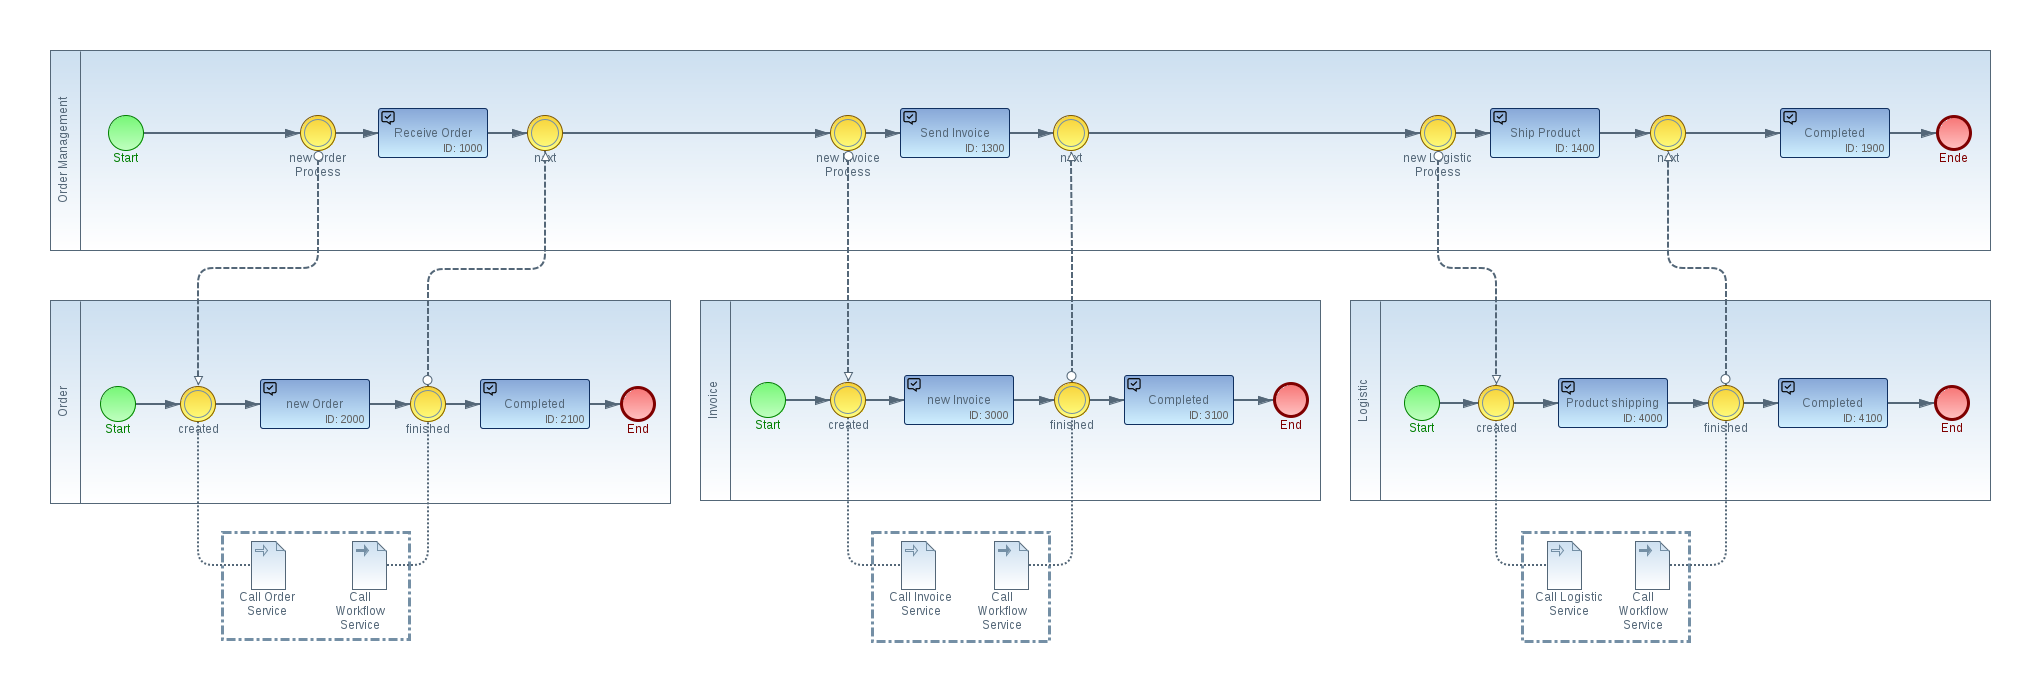 microservice-architecture-bpmn